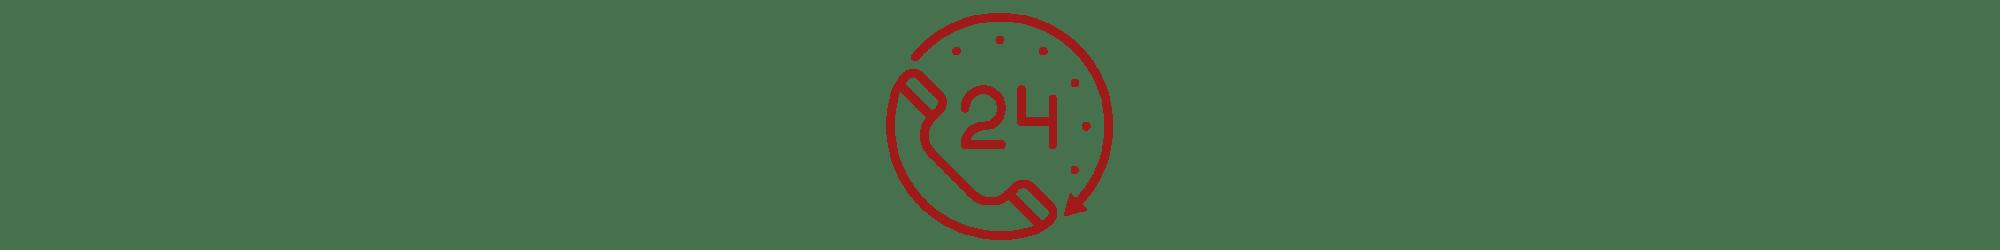 365 Tage für Sie da_Zeichenfläche 1